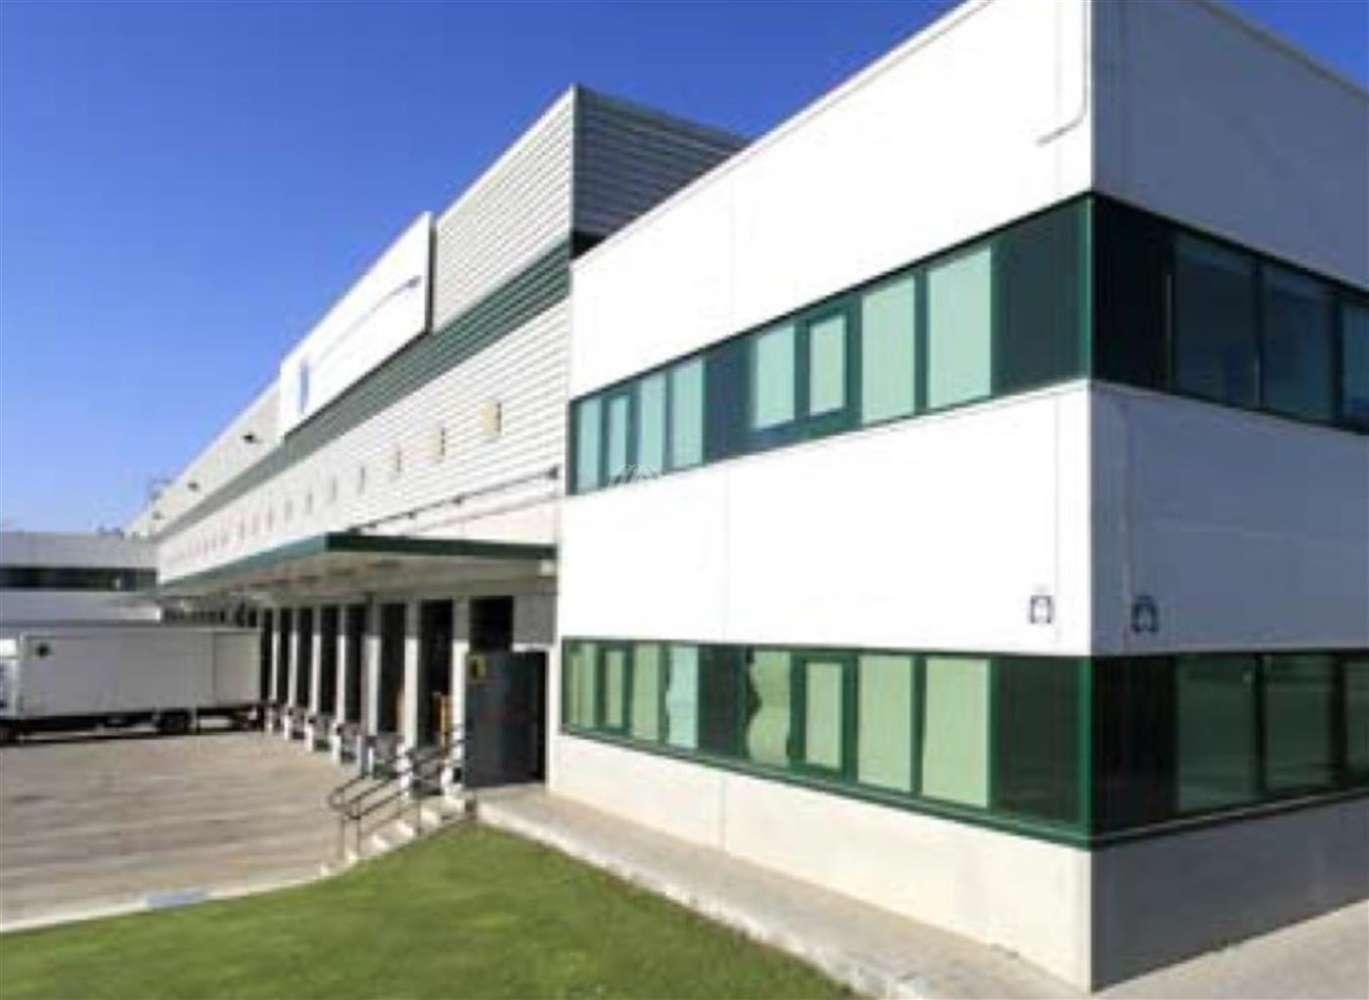 Naves industriales y logísticas Alcalá de henares, 28806 - Nave Logistica - M0255 P.I. LA GARENA PROLOGIS - 15167